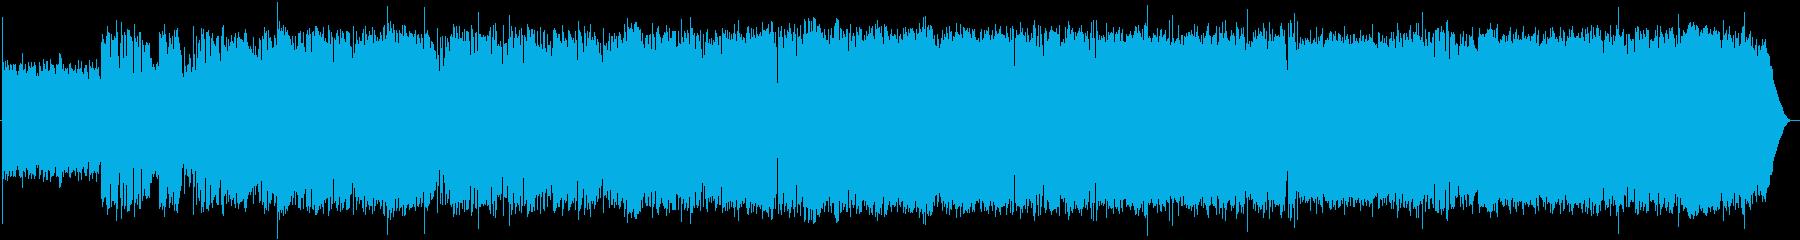 英語洋楽:後期ビートルズ・屋上演奏R&Rの再生済みの波形